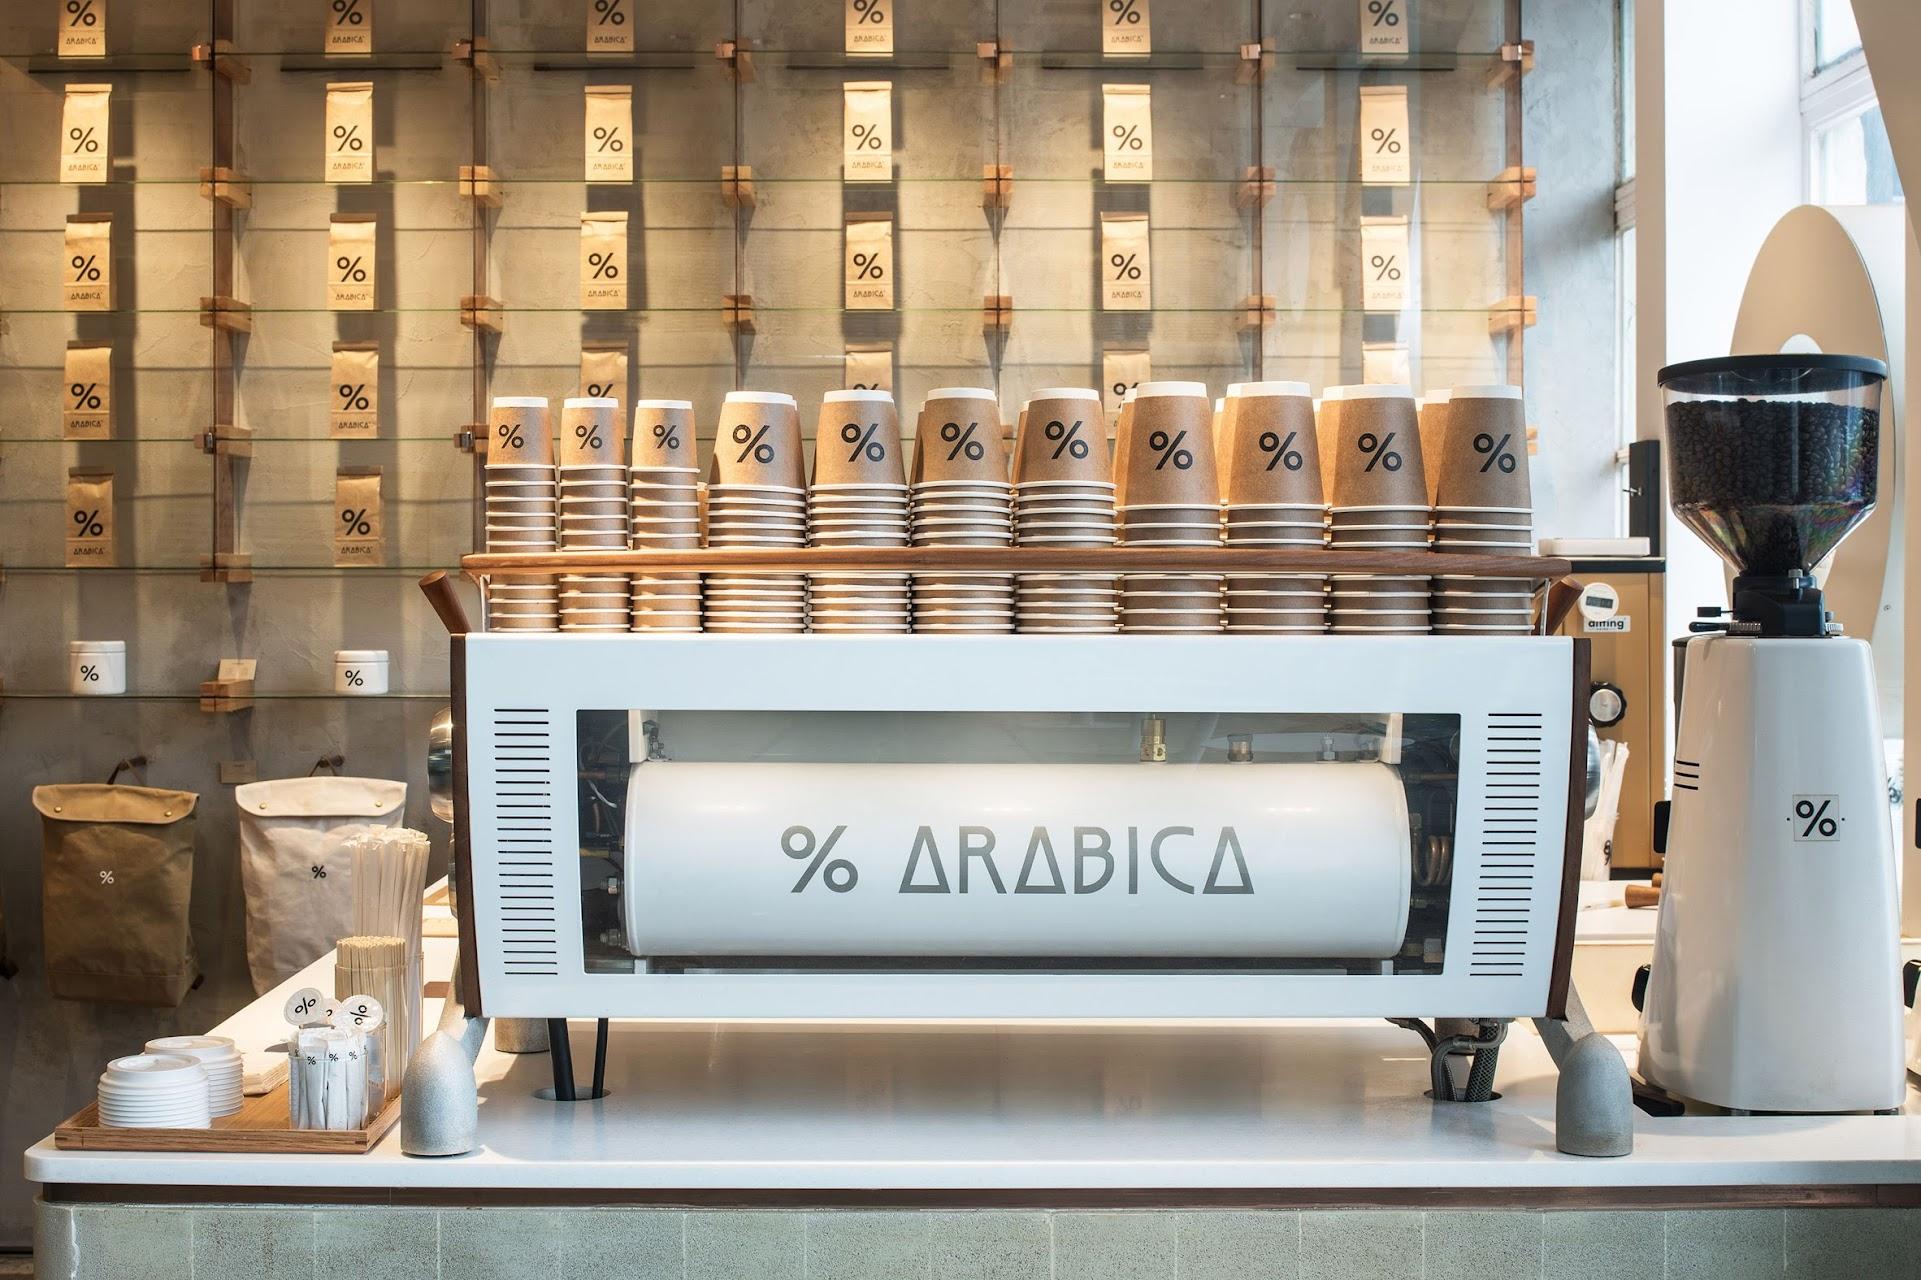 THIẾT KẾ CAFE ĐƠN GIẢN